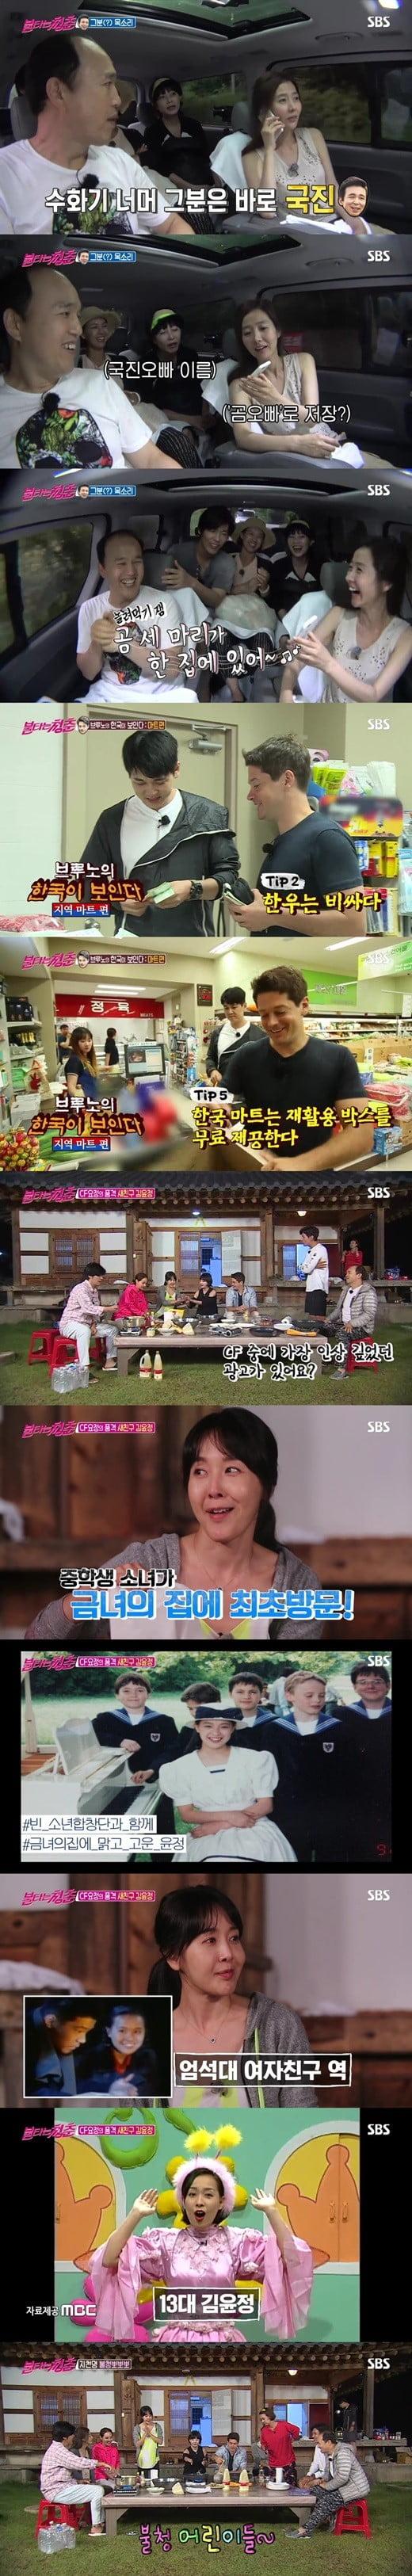 '불타는 청춘' 김윤정 /사진=SBS 방송화면 캡처